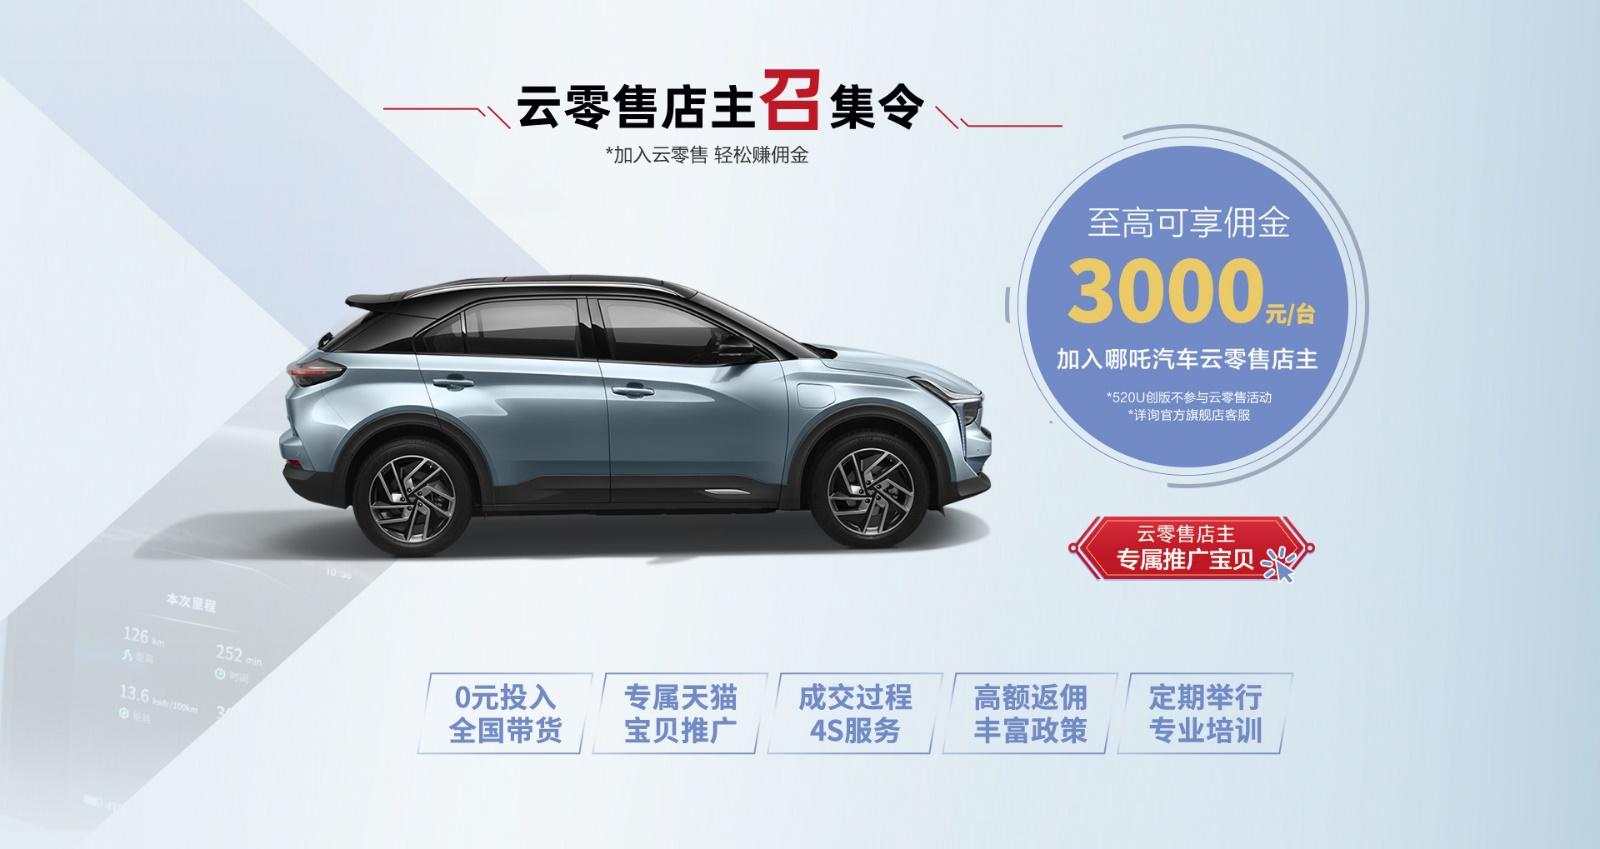 应对压力寻求营销新模式 哪吒汽车推出云店合伙人计划